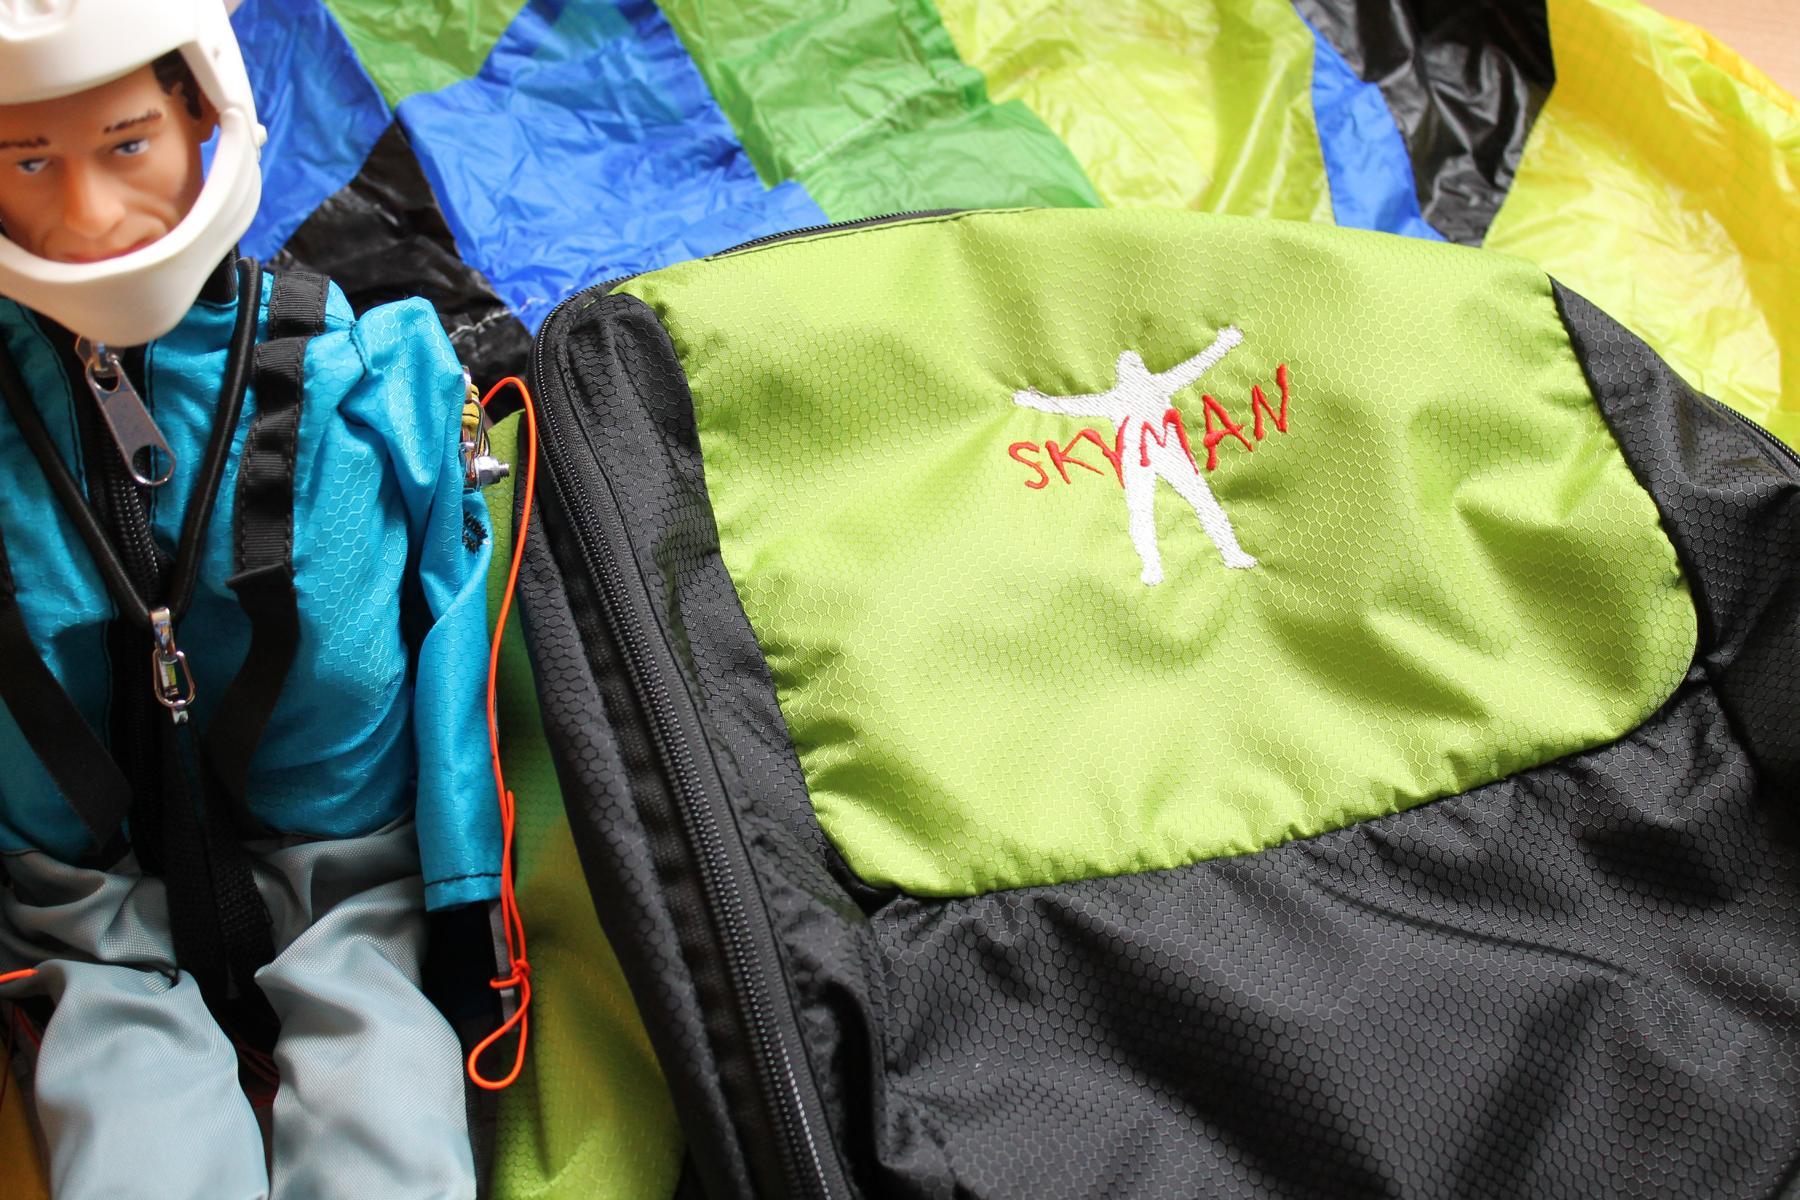 Skyman Daybag – ein Rucksack für RC-Paraglider